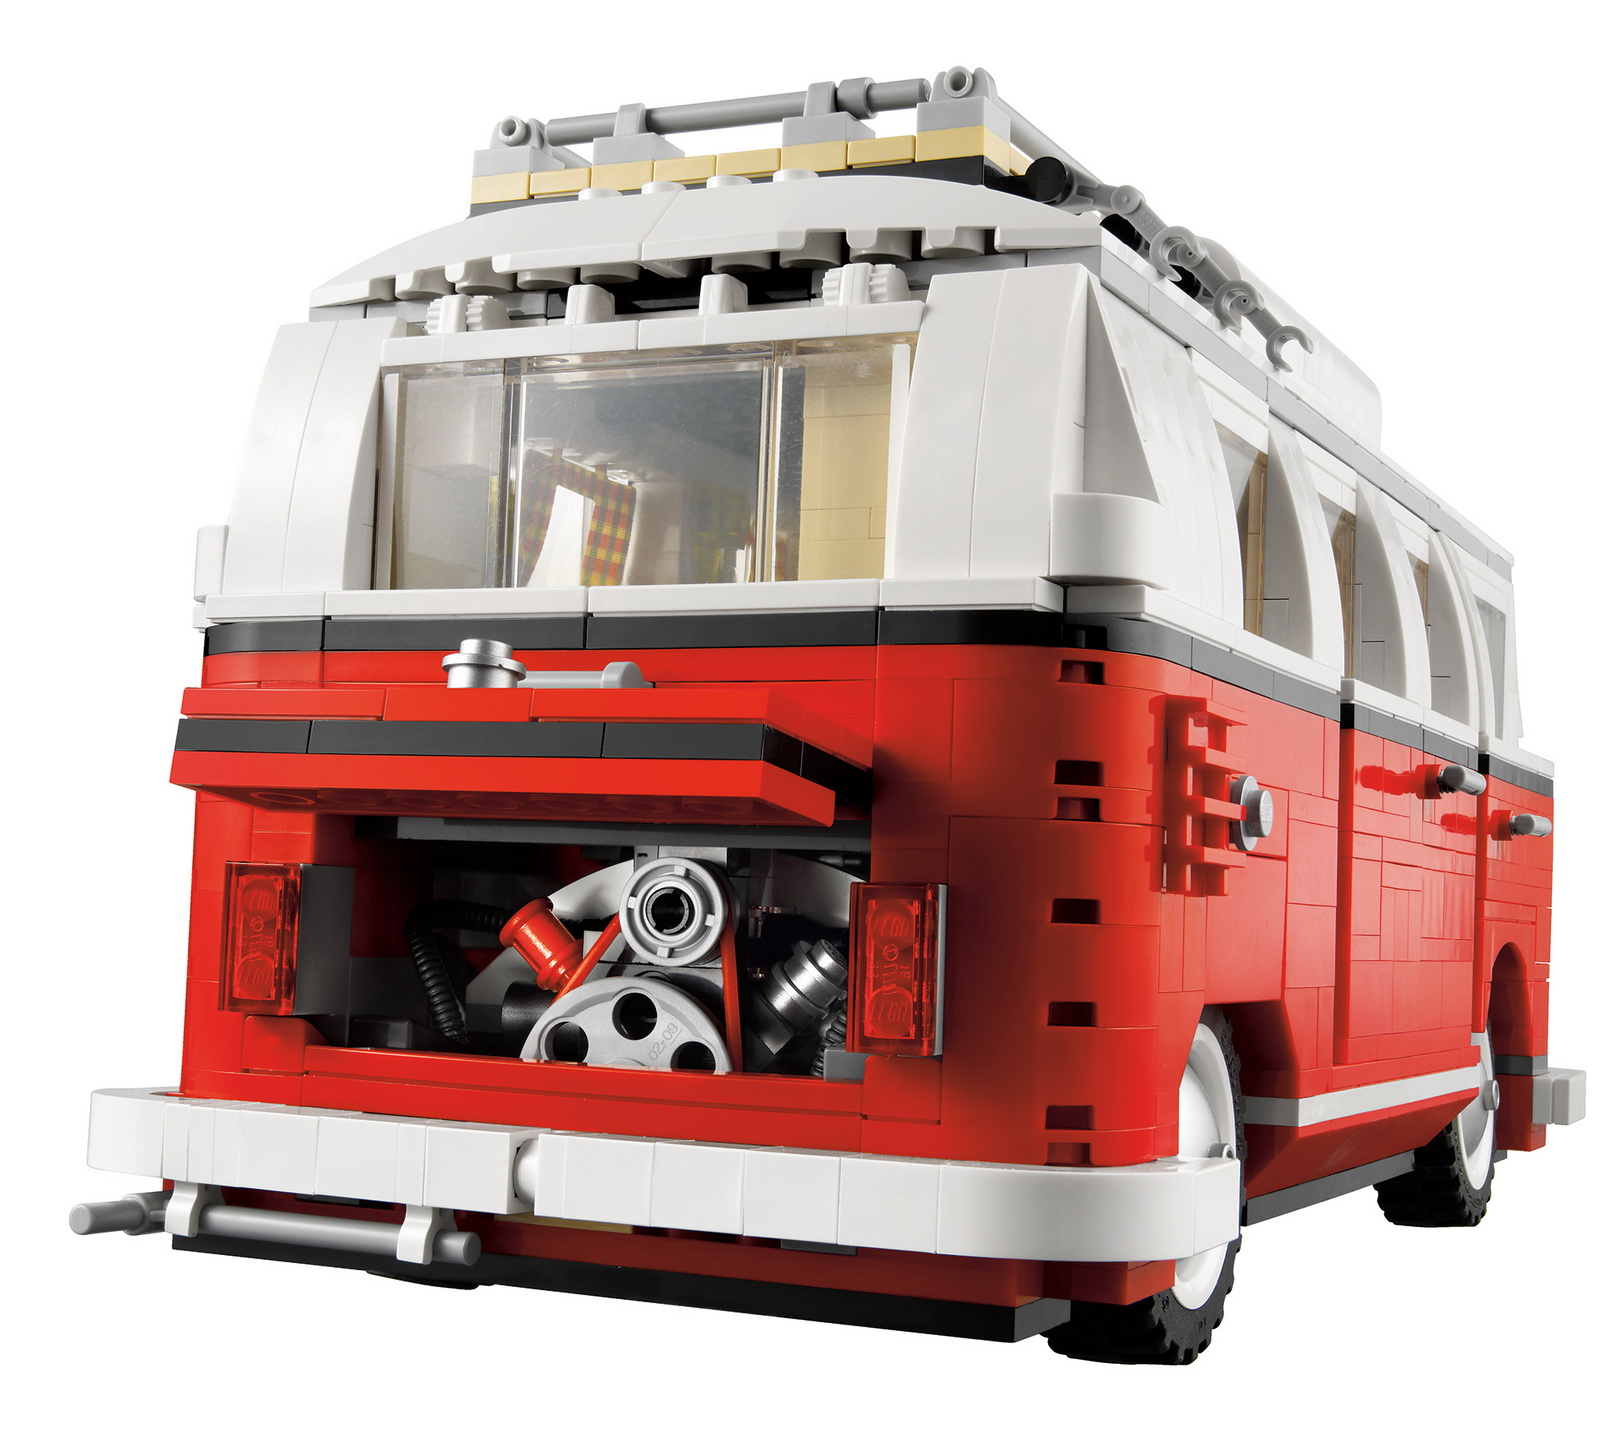 lego set database 10220 volkswagen t1 camper van. Black Bedroom Furniture Sets. Home Design Ideas